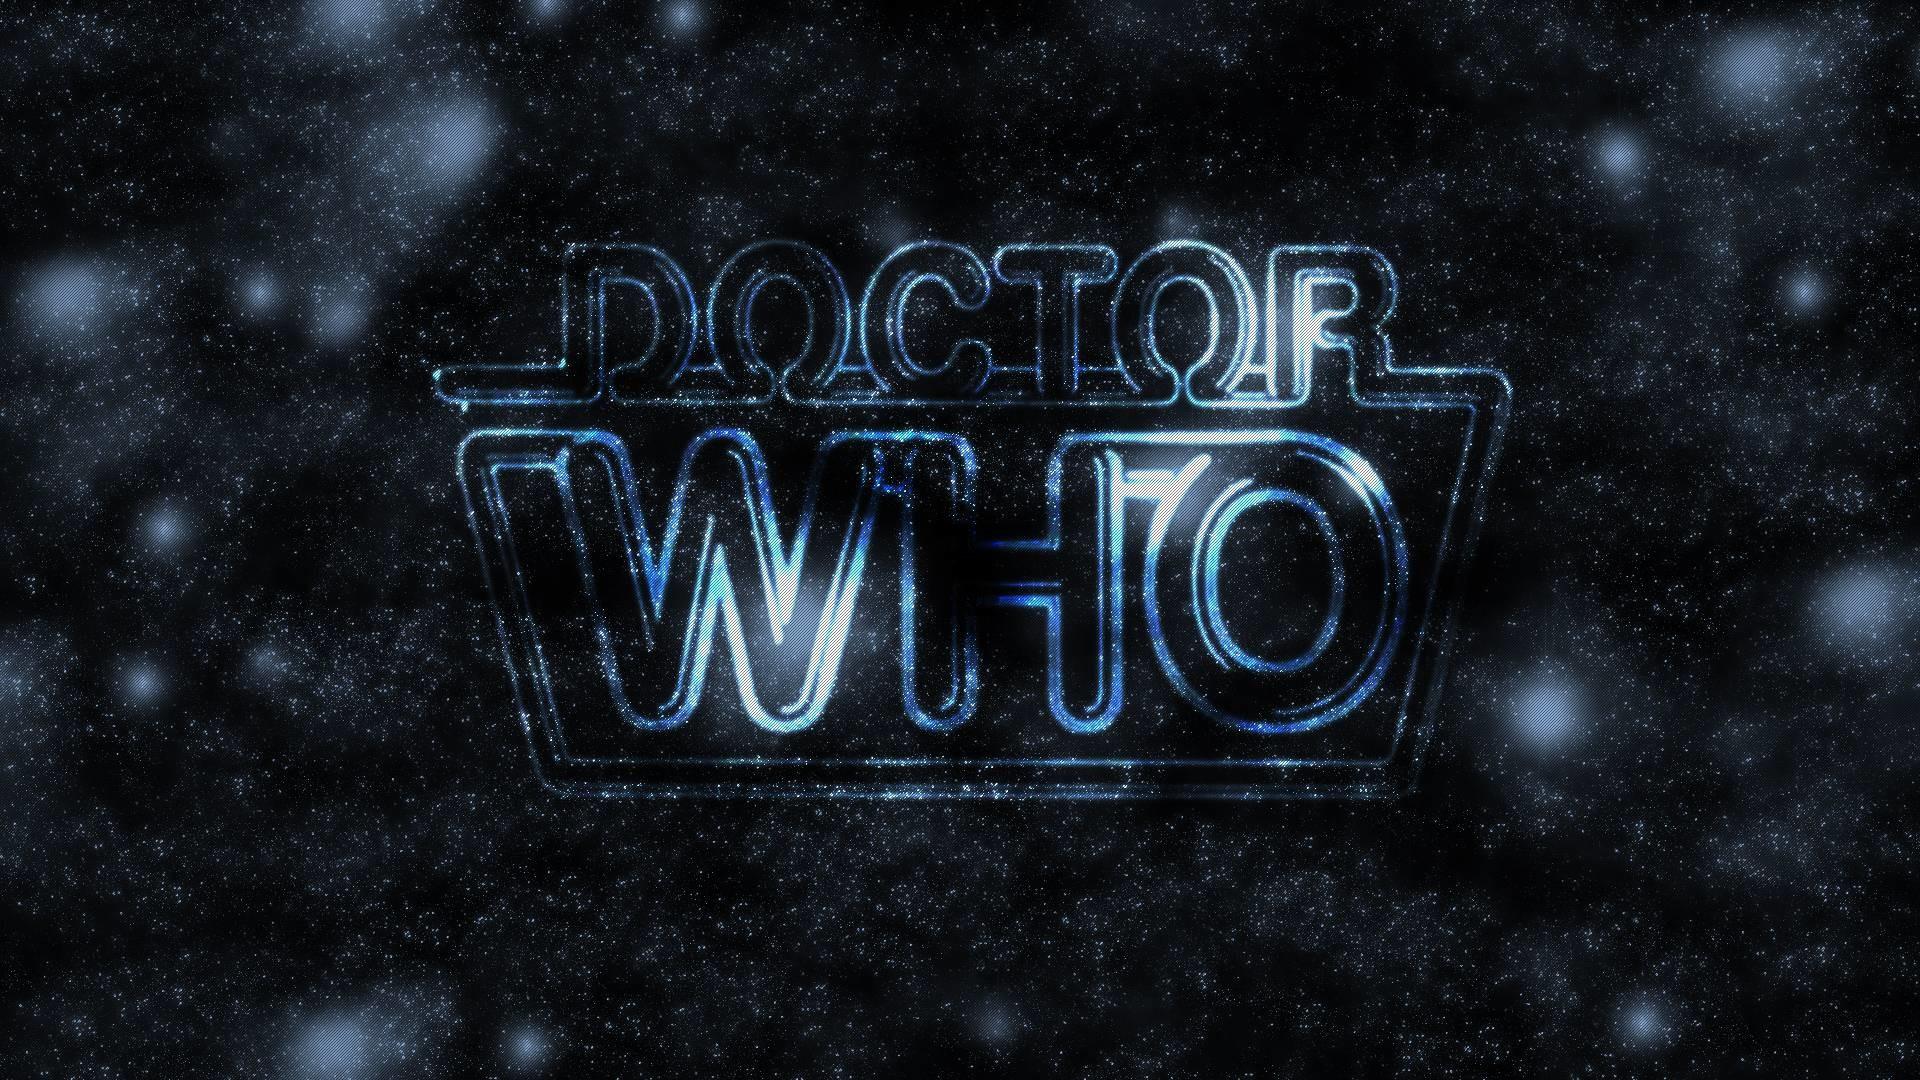 best doctor who logo wallpaper hd